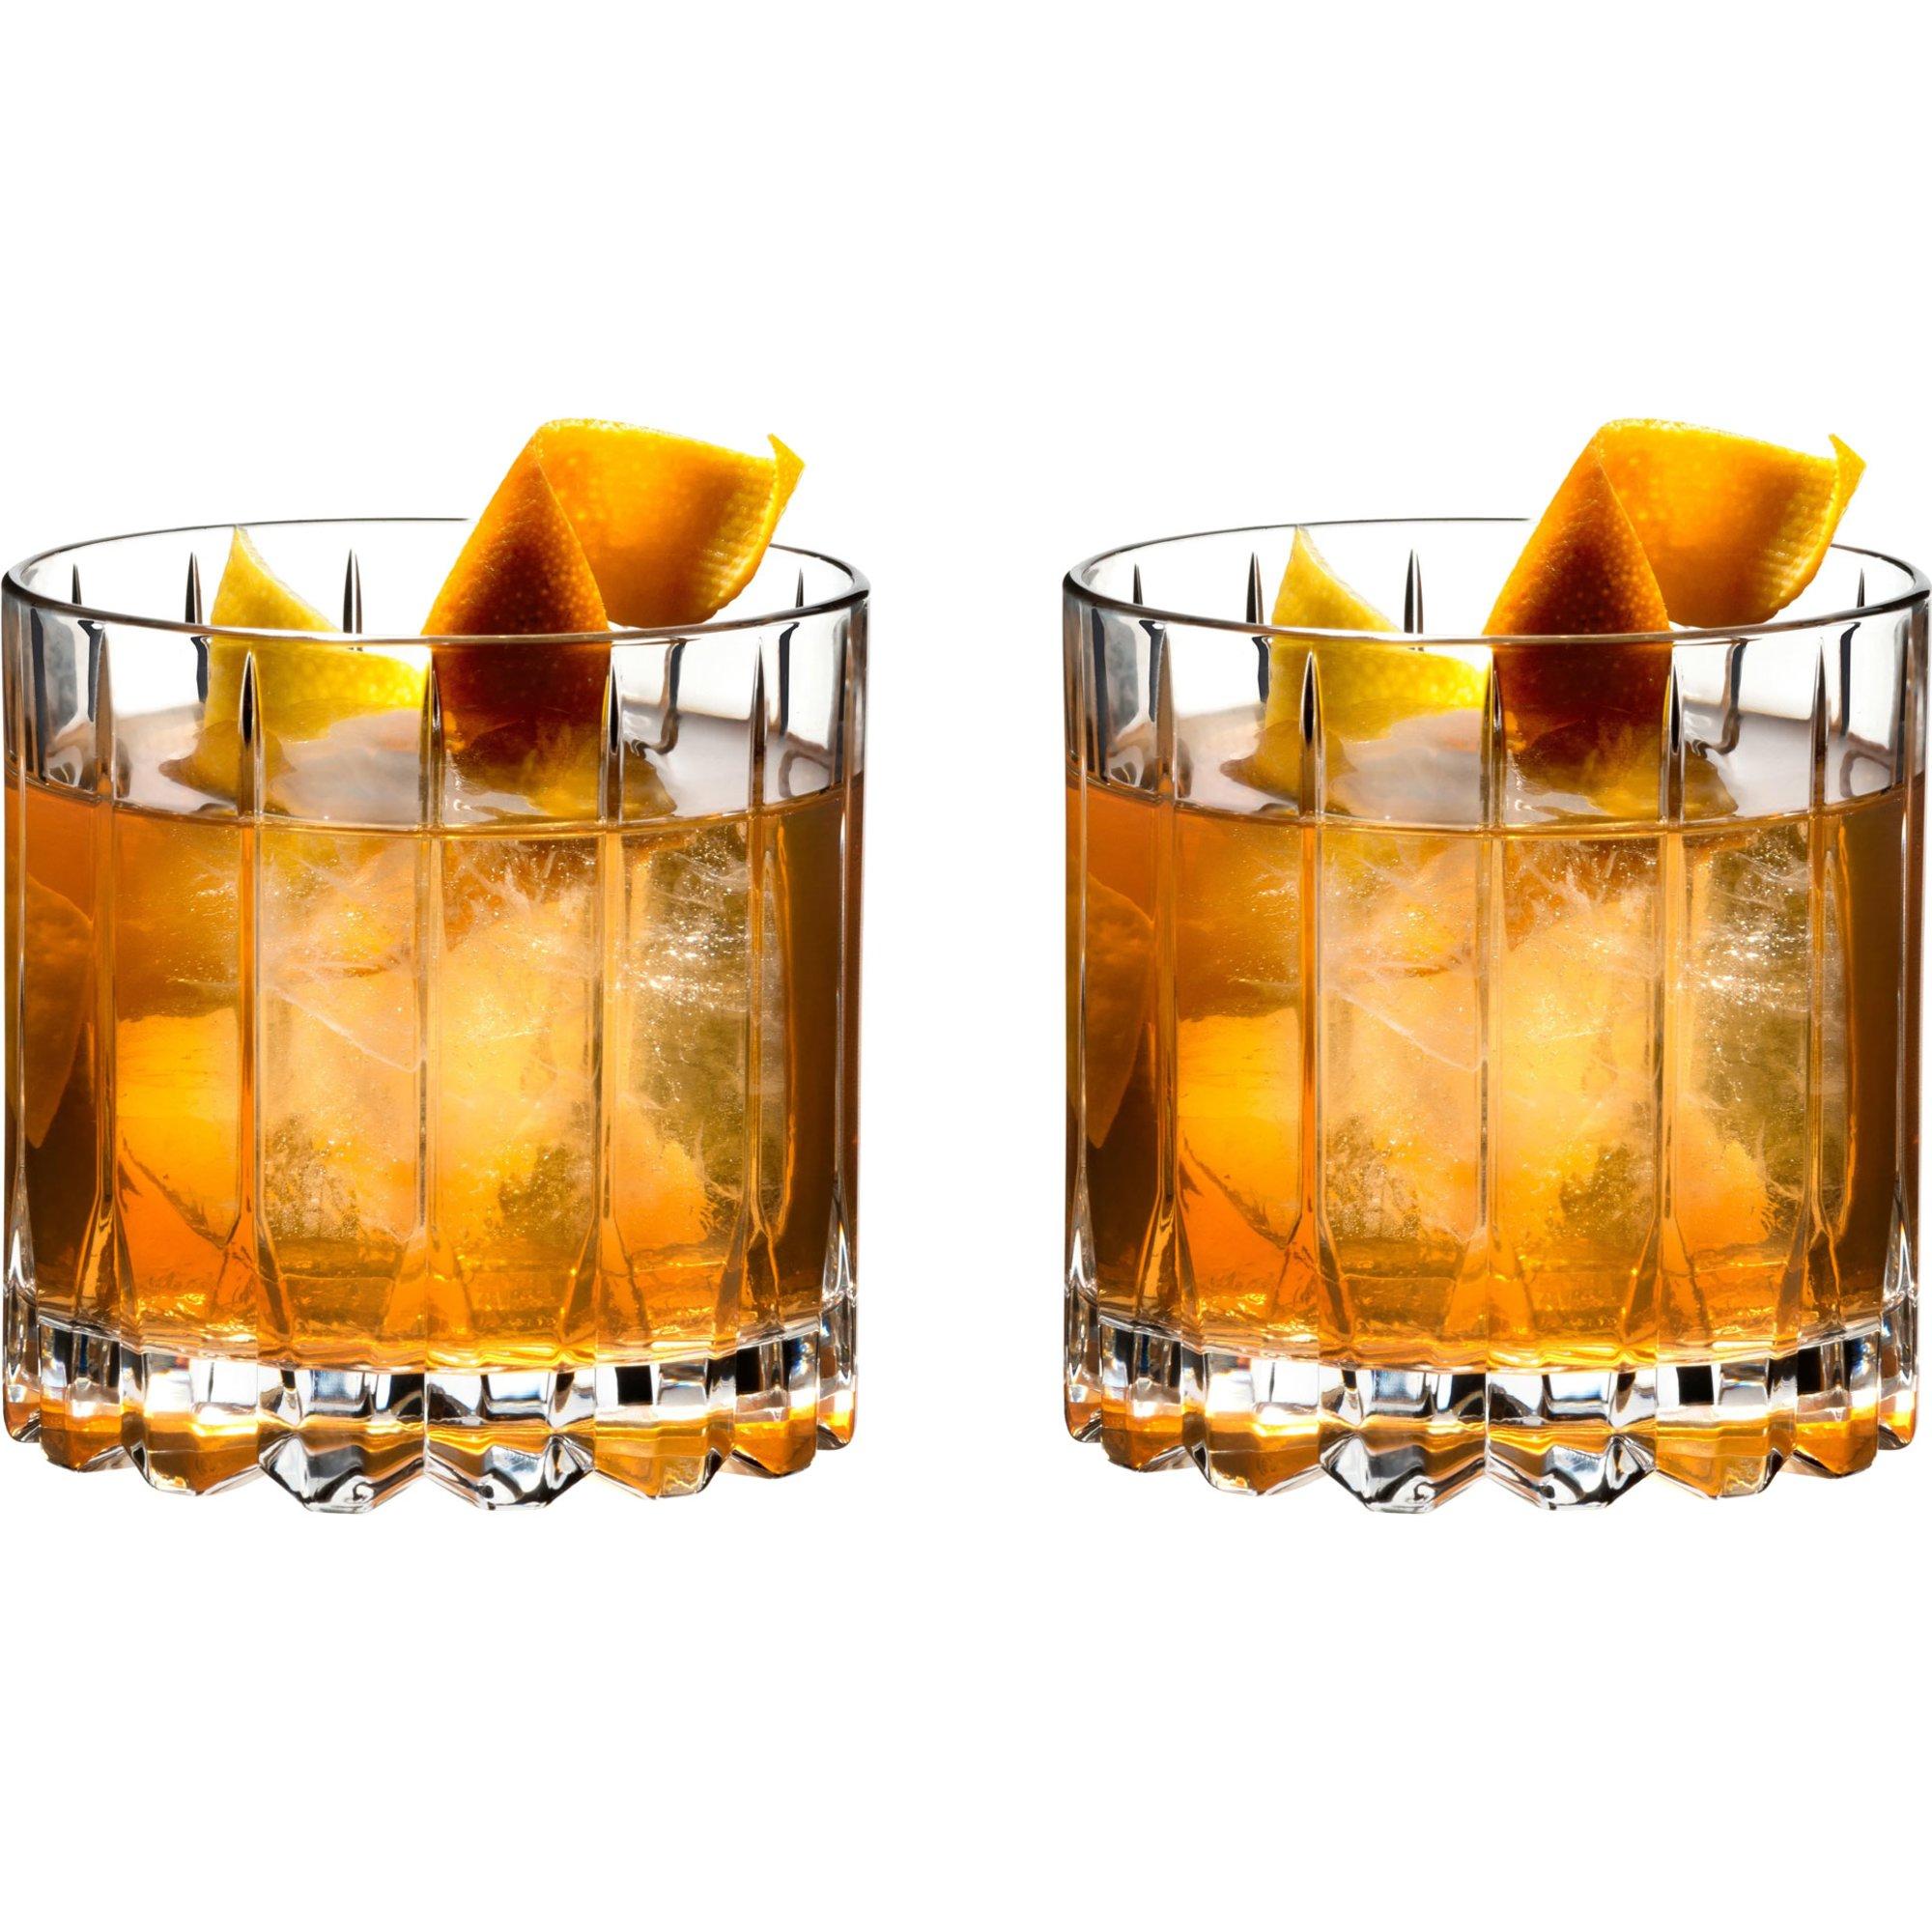 Riedel Rocks-drinkglas från Drink Specific 2 st.